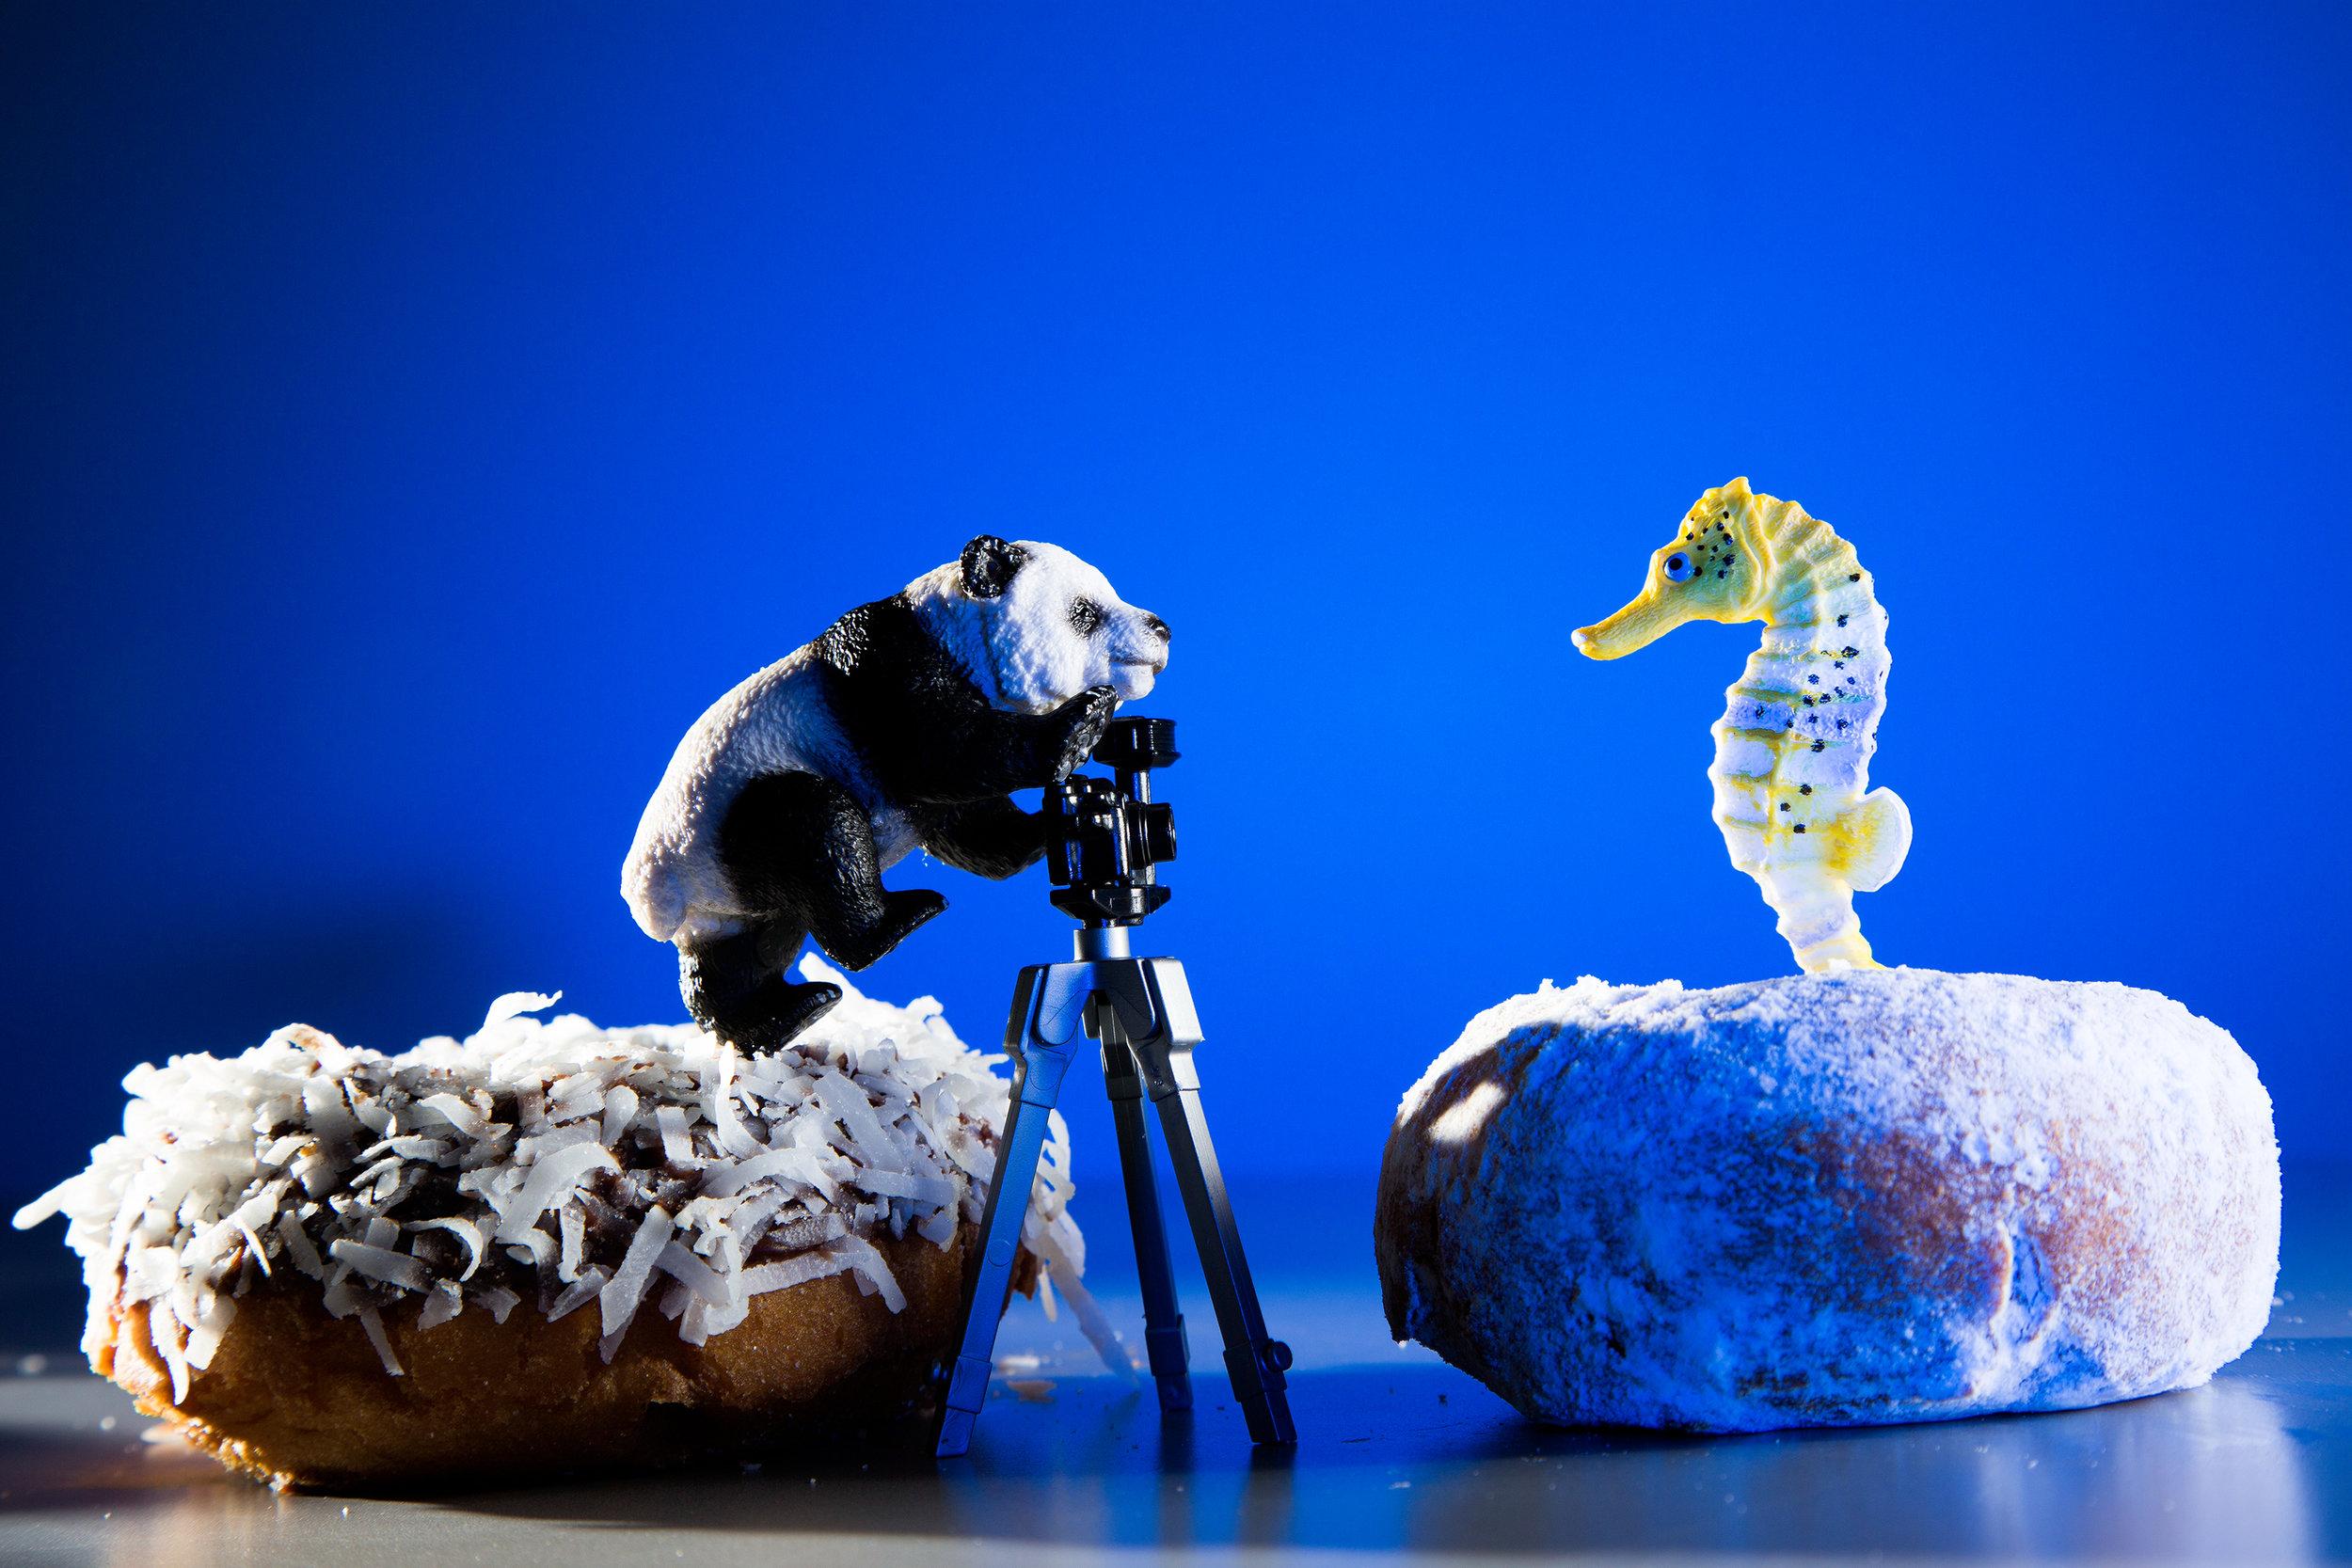 Panda and Seahorse Photo Shoot